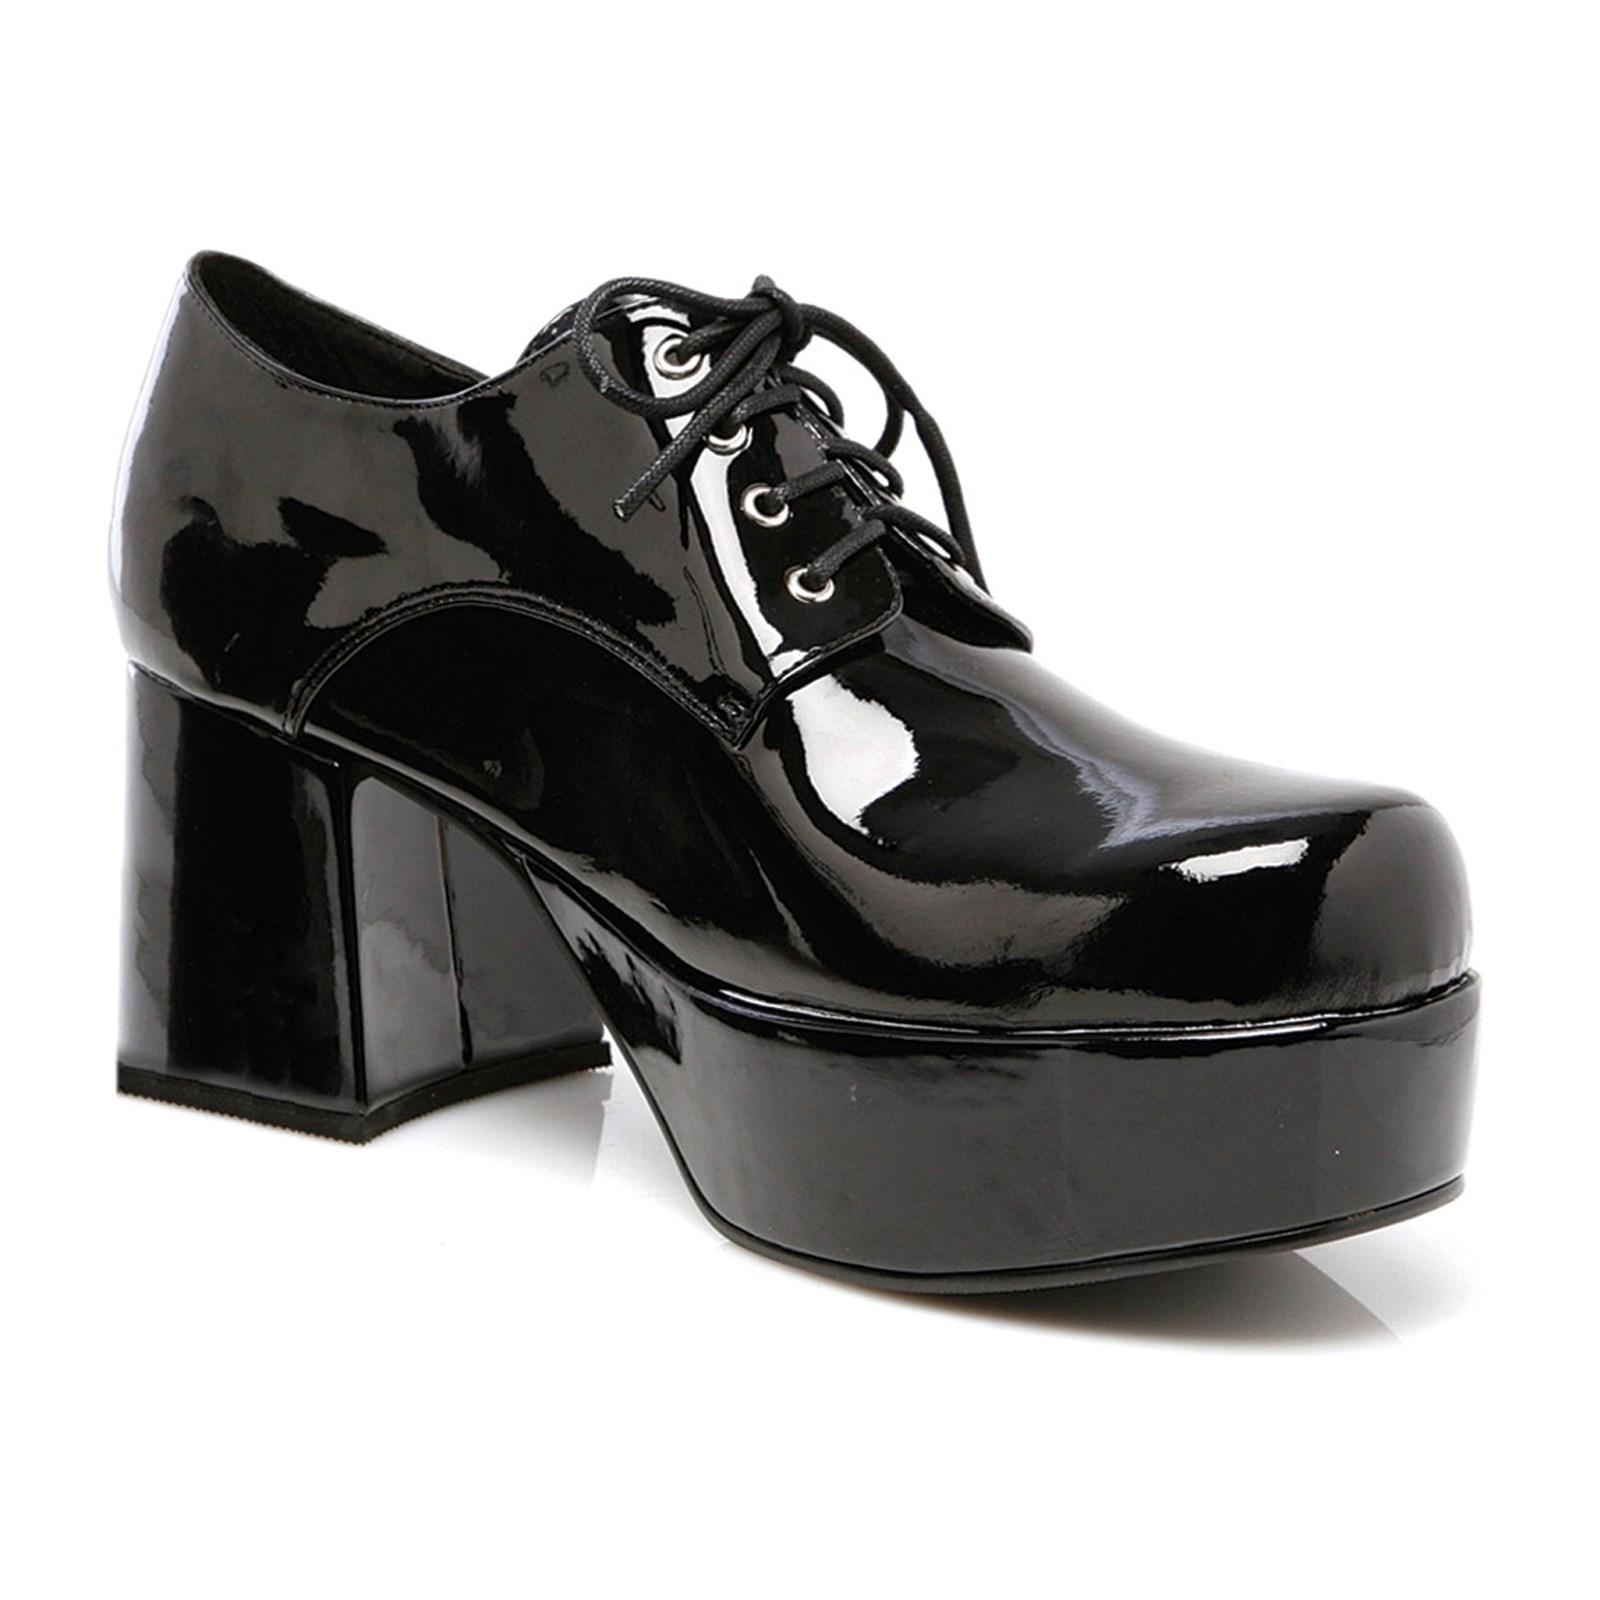 Pimp Black Adult Shoes